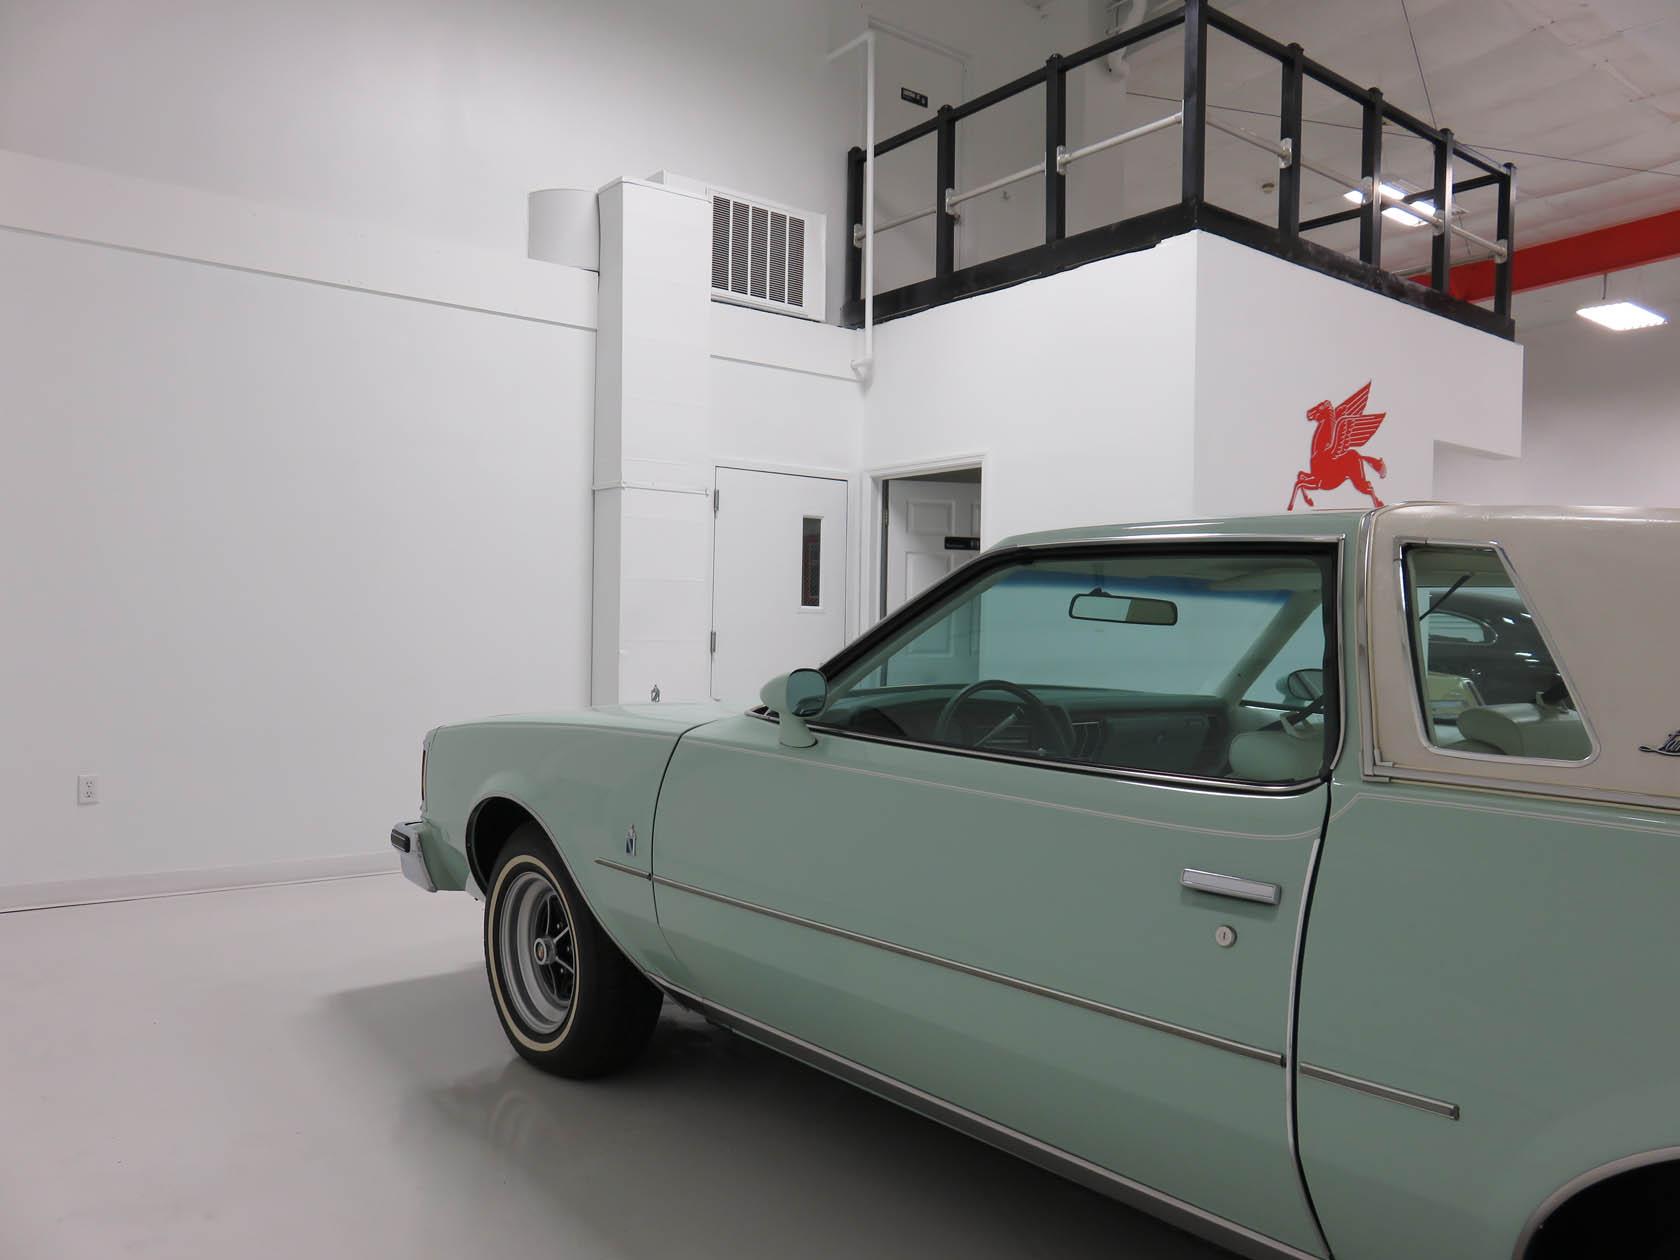 Michael Esposito - 1974 Oldsmobile Cutlasss Supreme 339